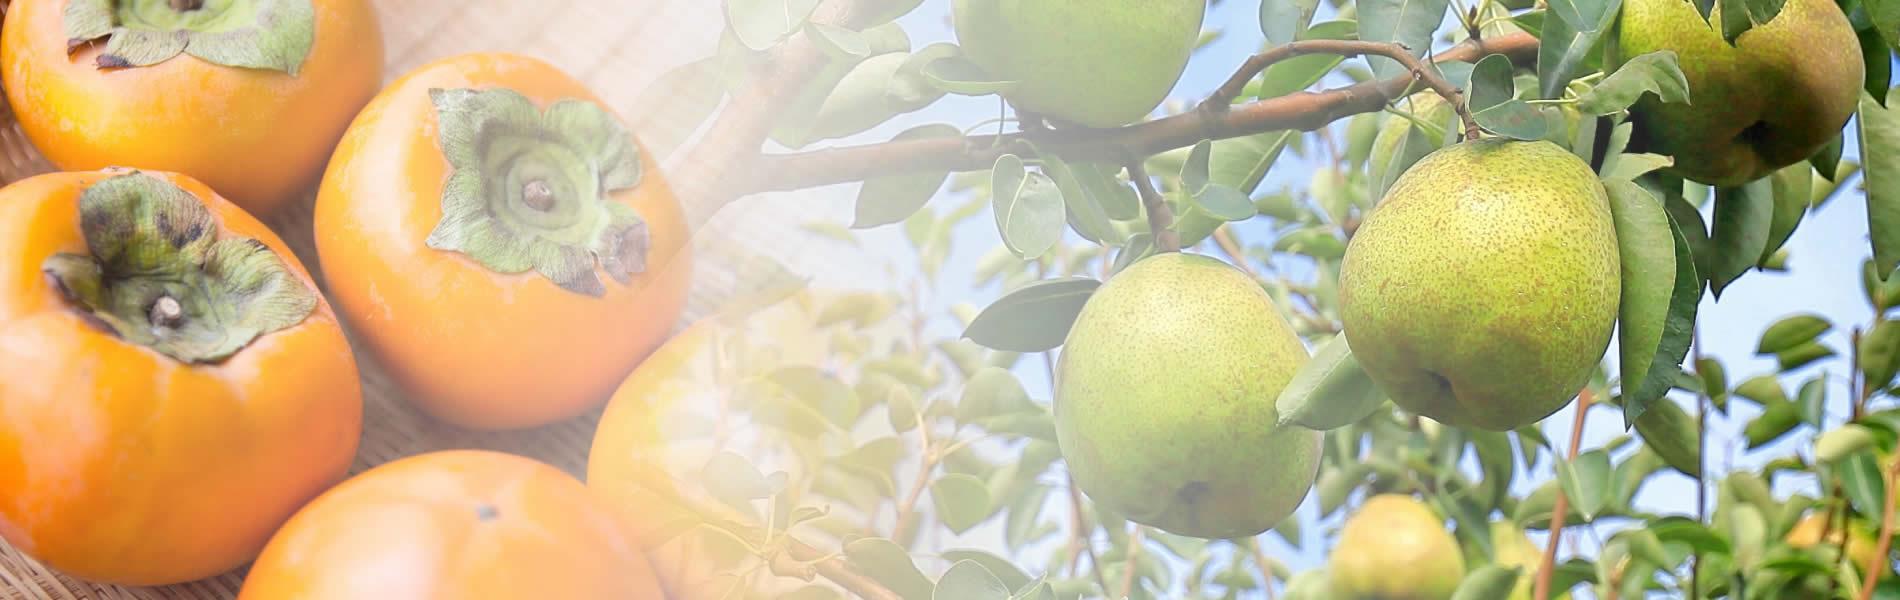 日本一美味しい桃・ぶどうを全国へお届けいたします